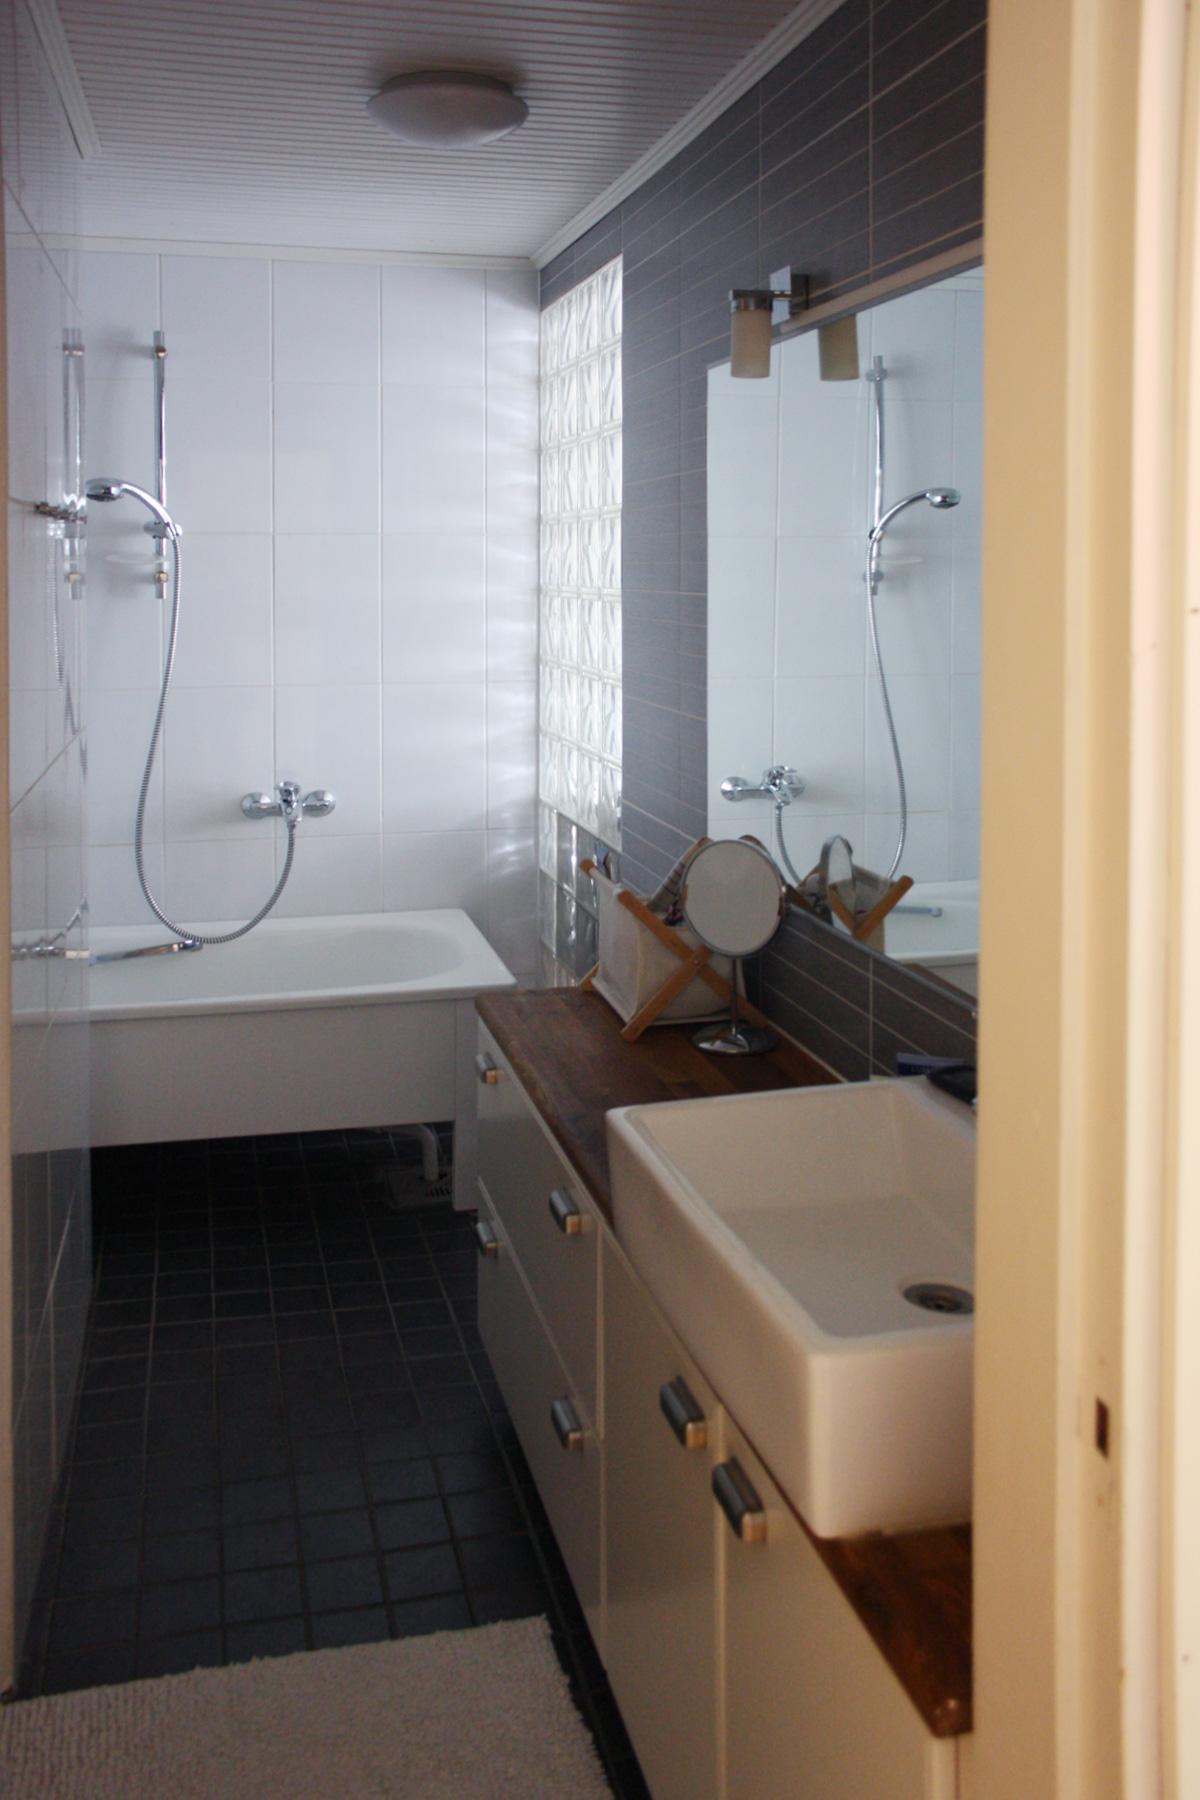 Rintamamiestalon remontti - valmis yläkerran kylpyhuone